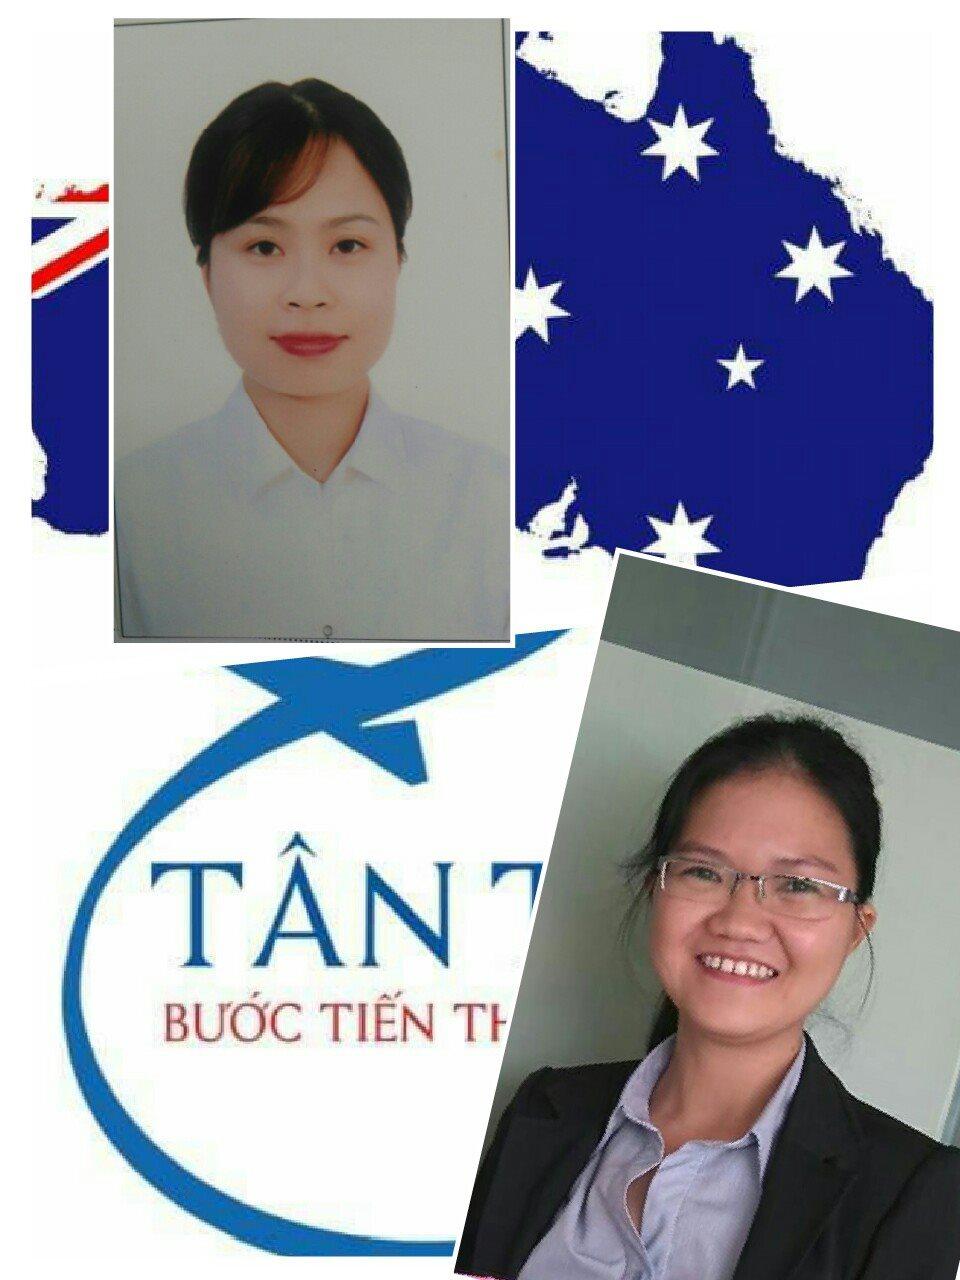 Chúc mừng khách hàng đậu visa du lịch Úc